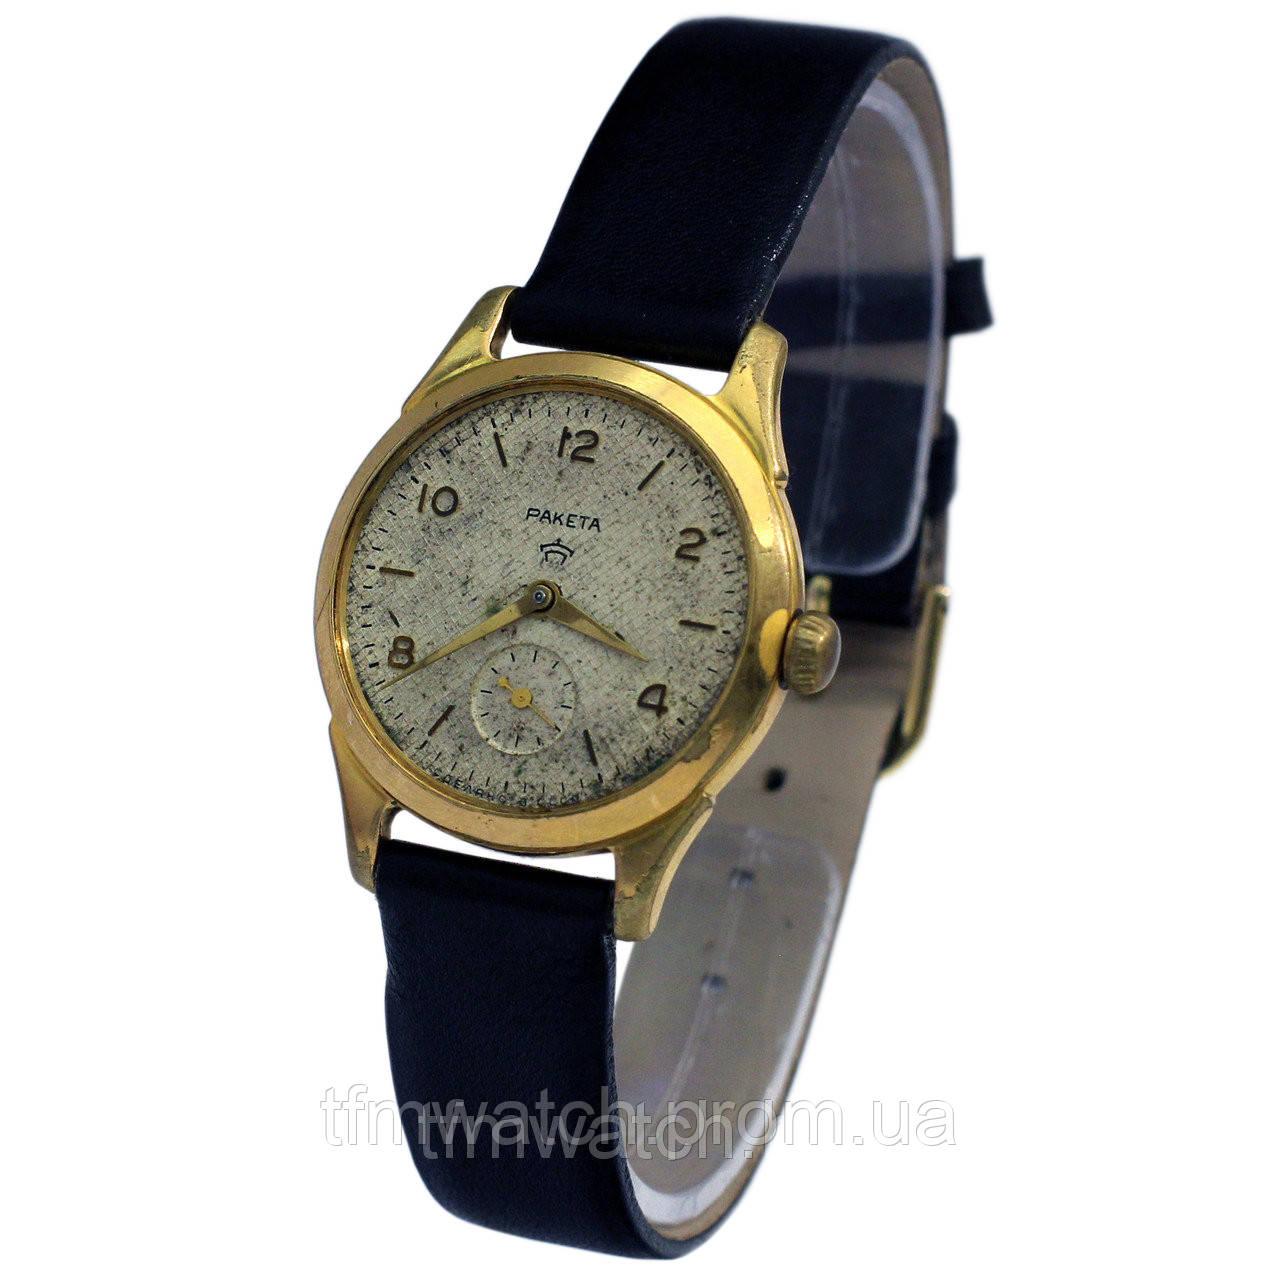 Ракета часы наручные продать старые работы стоимость ручной часы